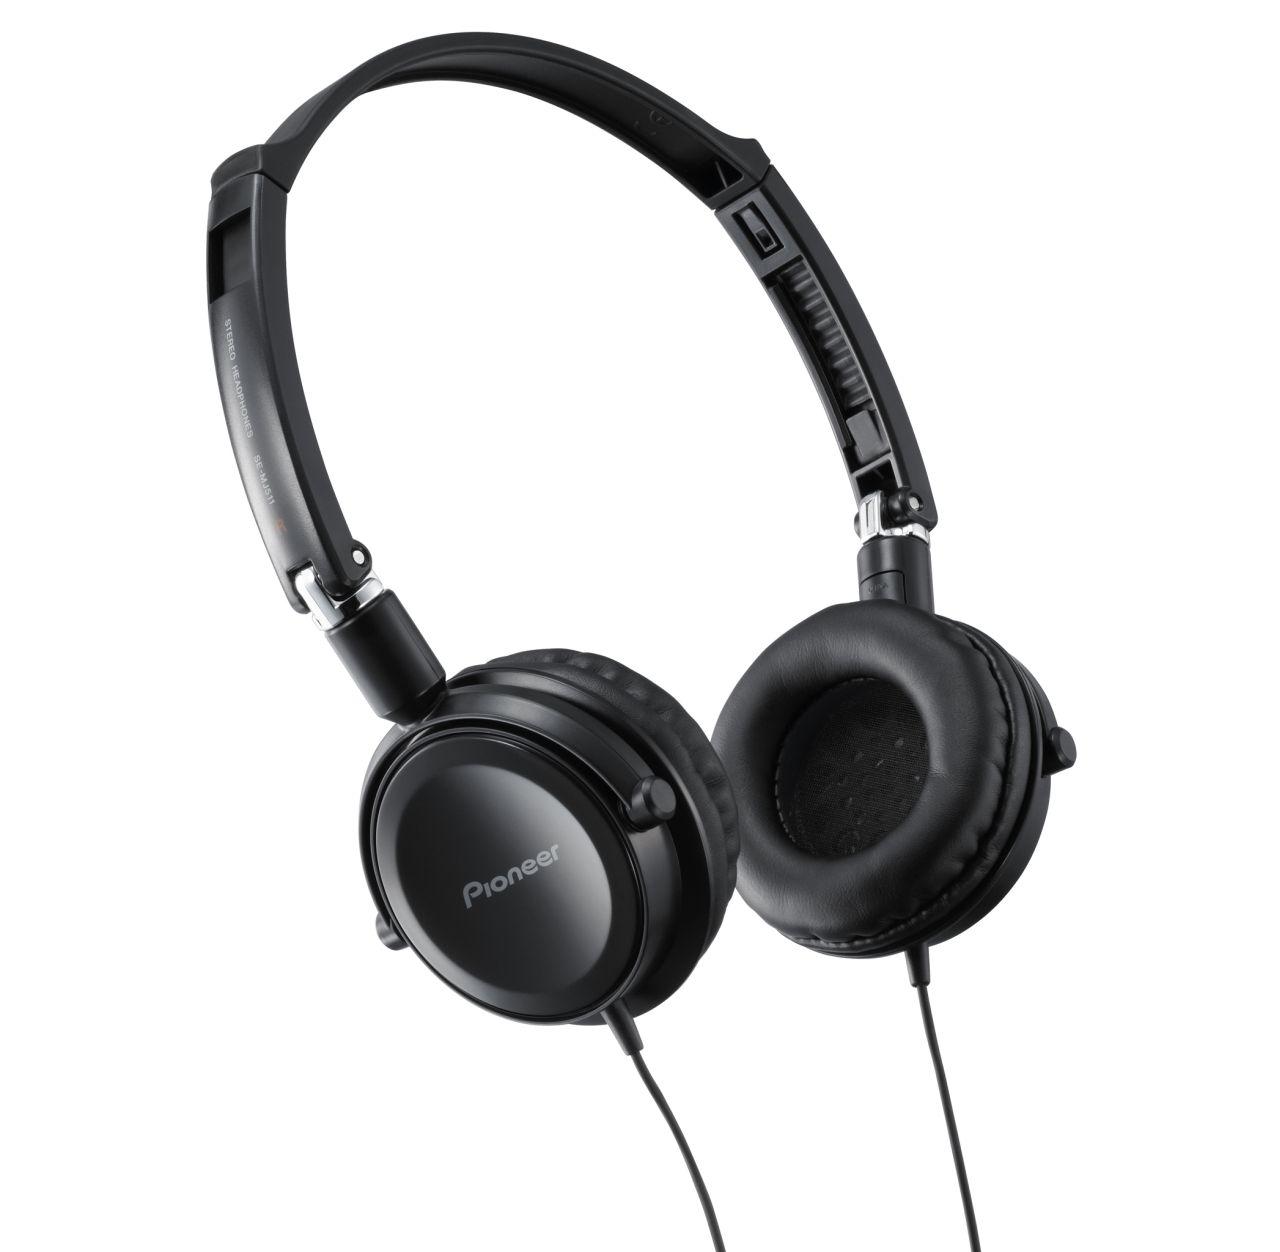 Powieksz do pelnego rozmiaru Pionier, pionner, pionneer, pioneer SE MJ 511, SE-MJ 511, SEMJ 511 SE MJ511, SE-MJ511, SEMJ511 SE MJ-511, SE-MJ-511, SEMJ-511 słuchawki domowe, słuchawki z pałąkiem, słuchawki nagłowne, słuchawki nauszne, słuchawki zamknięte, słuchawki hifi, słuchawki dj, słuchawki składane, słuchawki przenośne, słuchawki do iPod, słuchawki do iPad, słuchawki do iPhone,  słuchawki do MP3, słuchawki do odtwarzacza MP3, słuchawki do odtwarzaczy MP3, słuchawki MP3